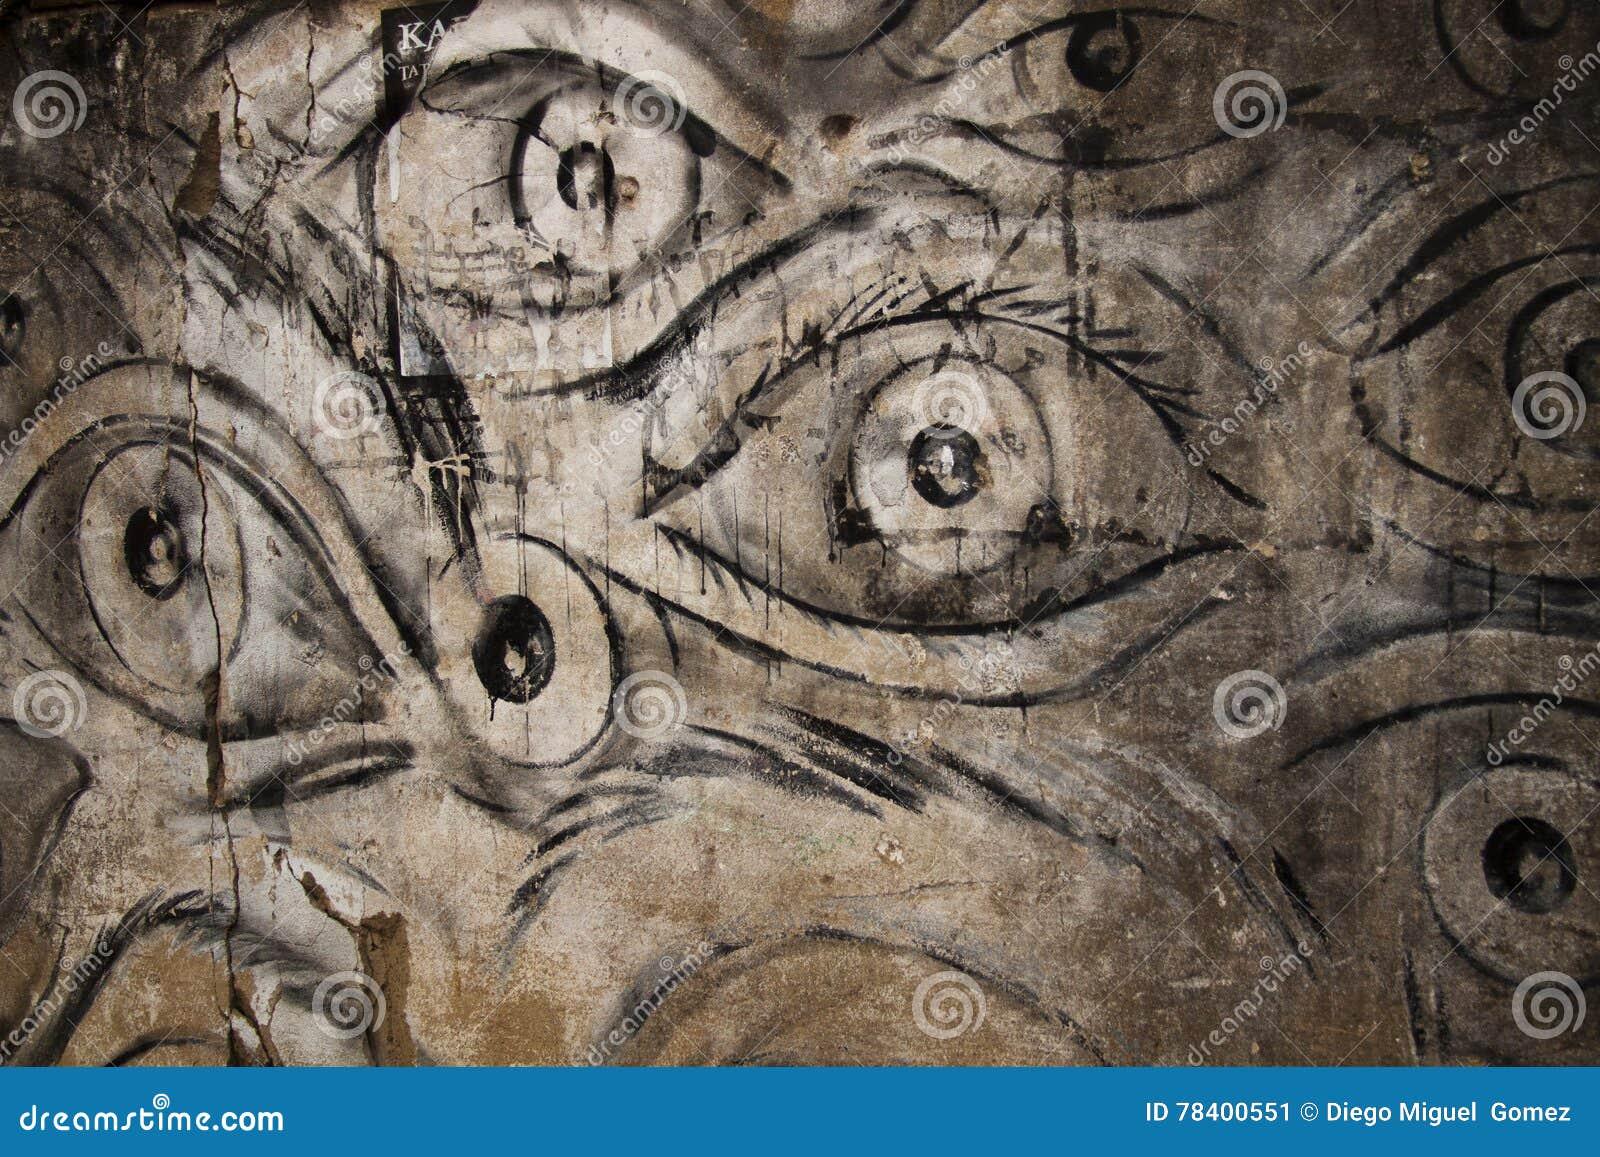 Ojos en la pared